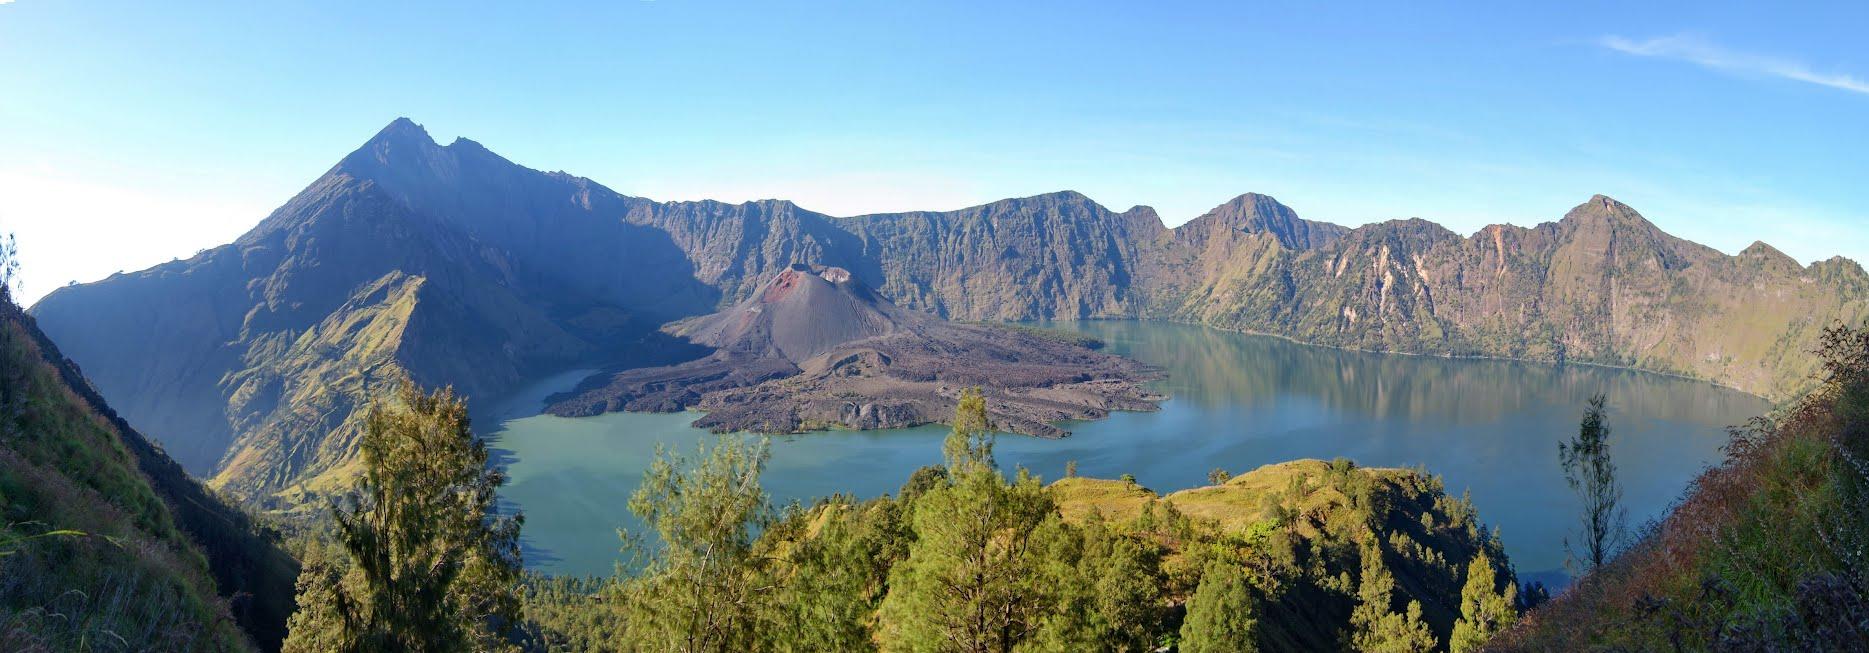 Le volcan Rinjani sur l'île indonésienne de Lombok